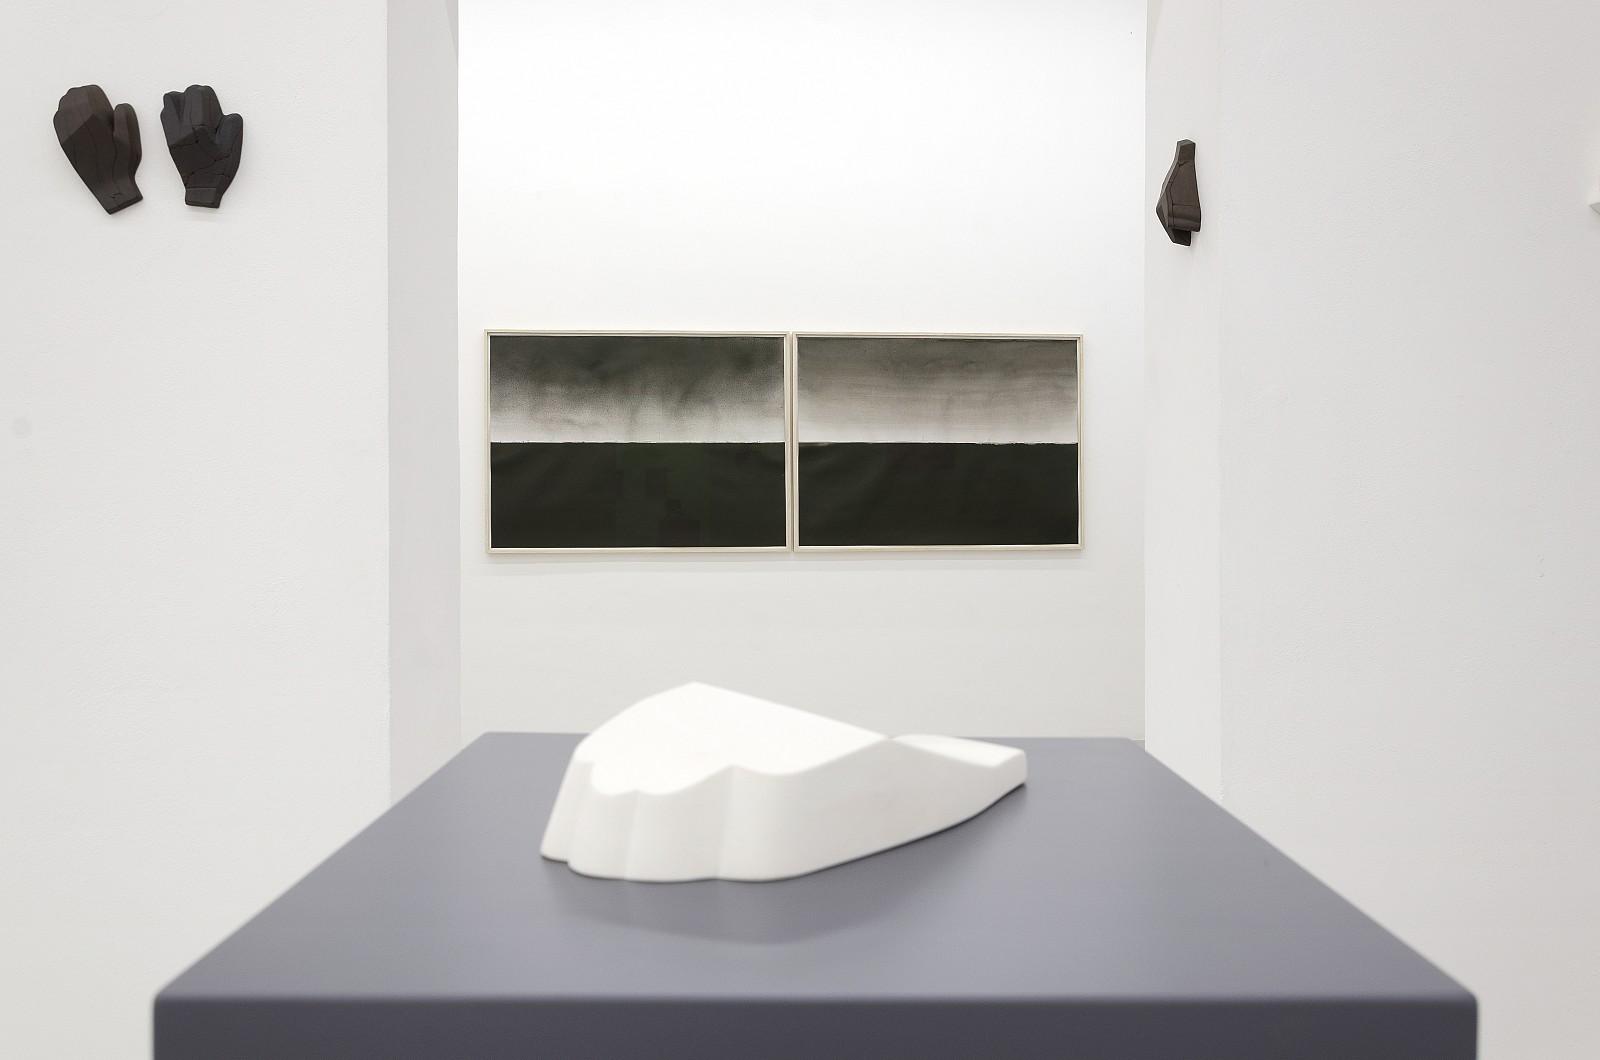 Antonio Catelani - Antonio Catelani Rizzuto Gallery Palermo 2019